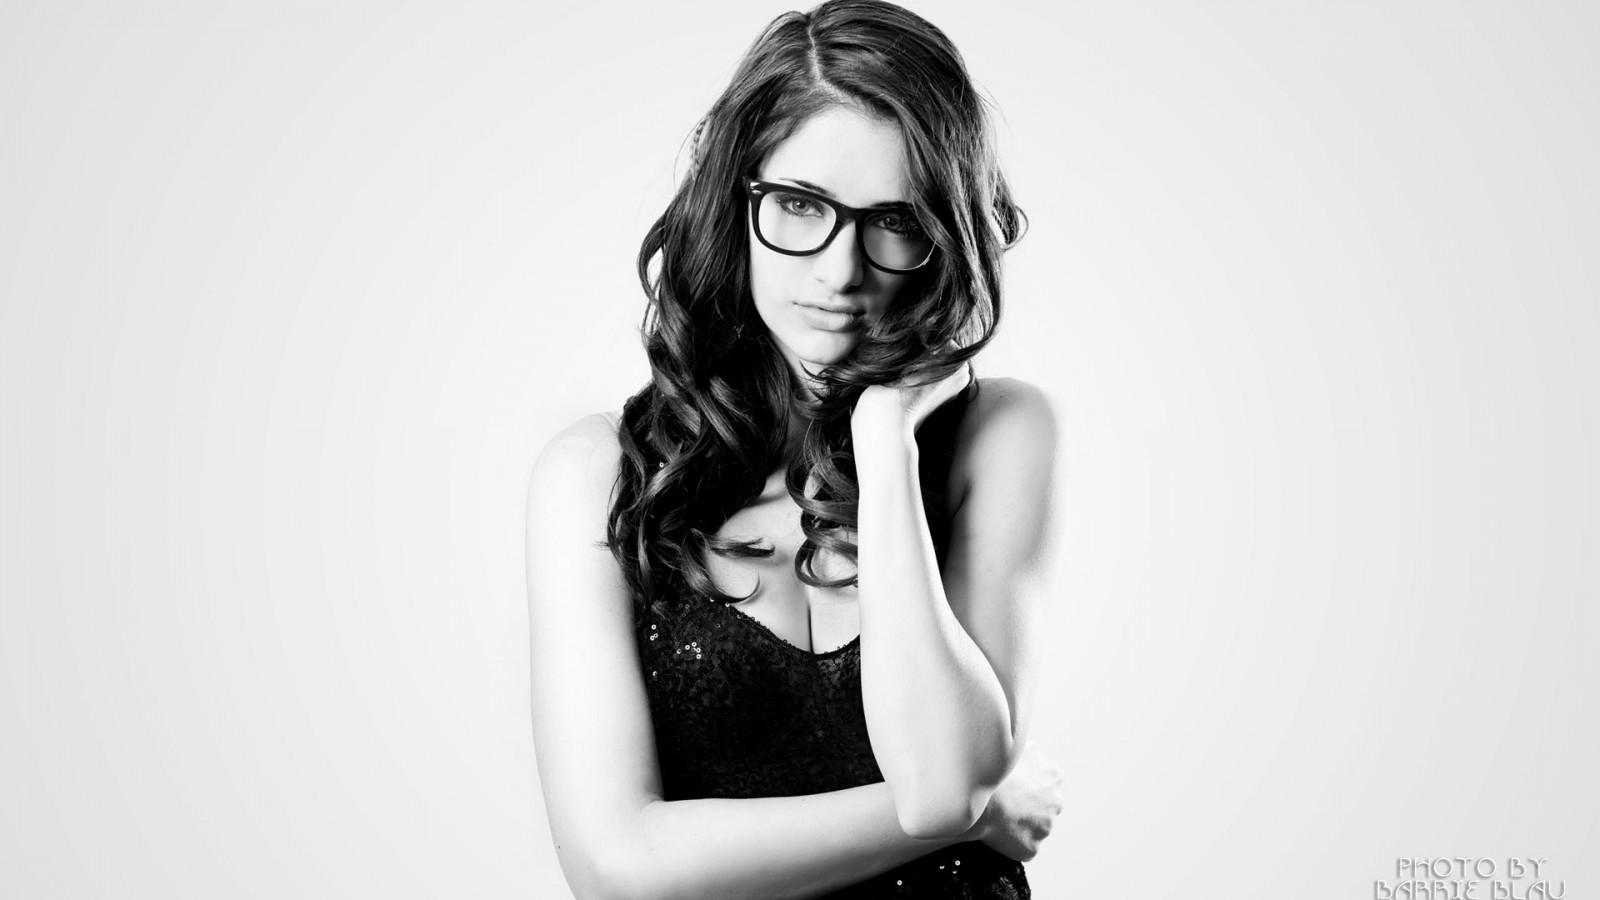 搜壁纸黑白美女戴眼镜欧美